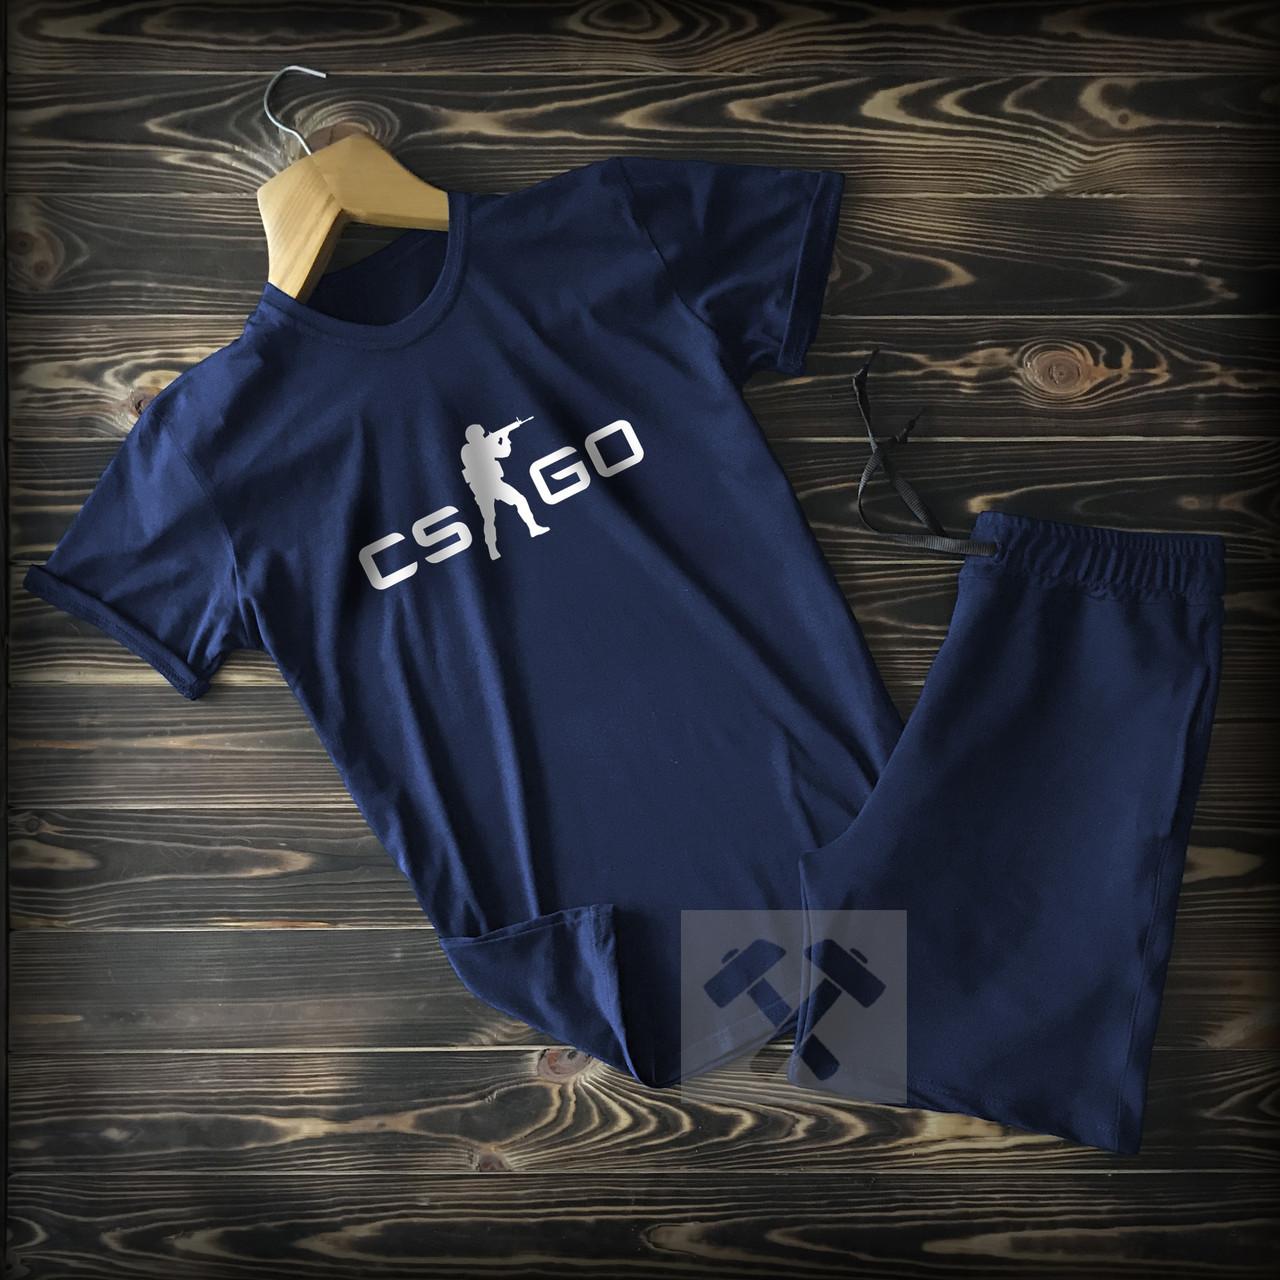 Cпортивные Мужские шорты и футболка c принтом CS Go (counter strike)  / Летние комплекты для мужчин